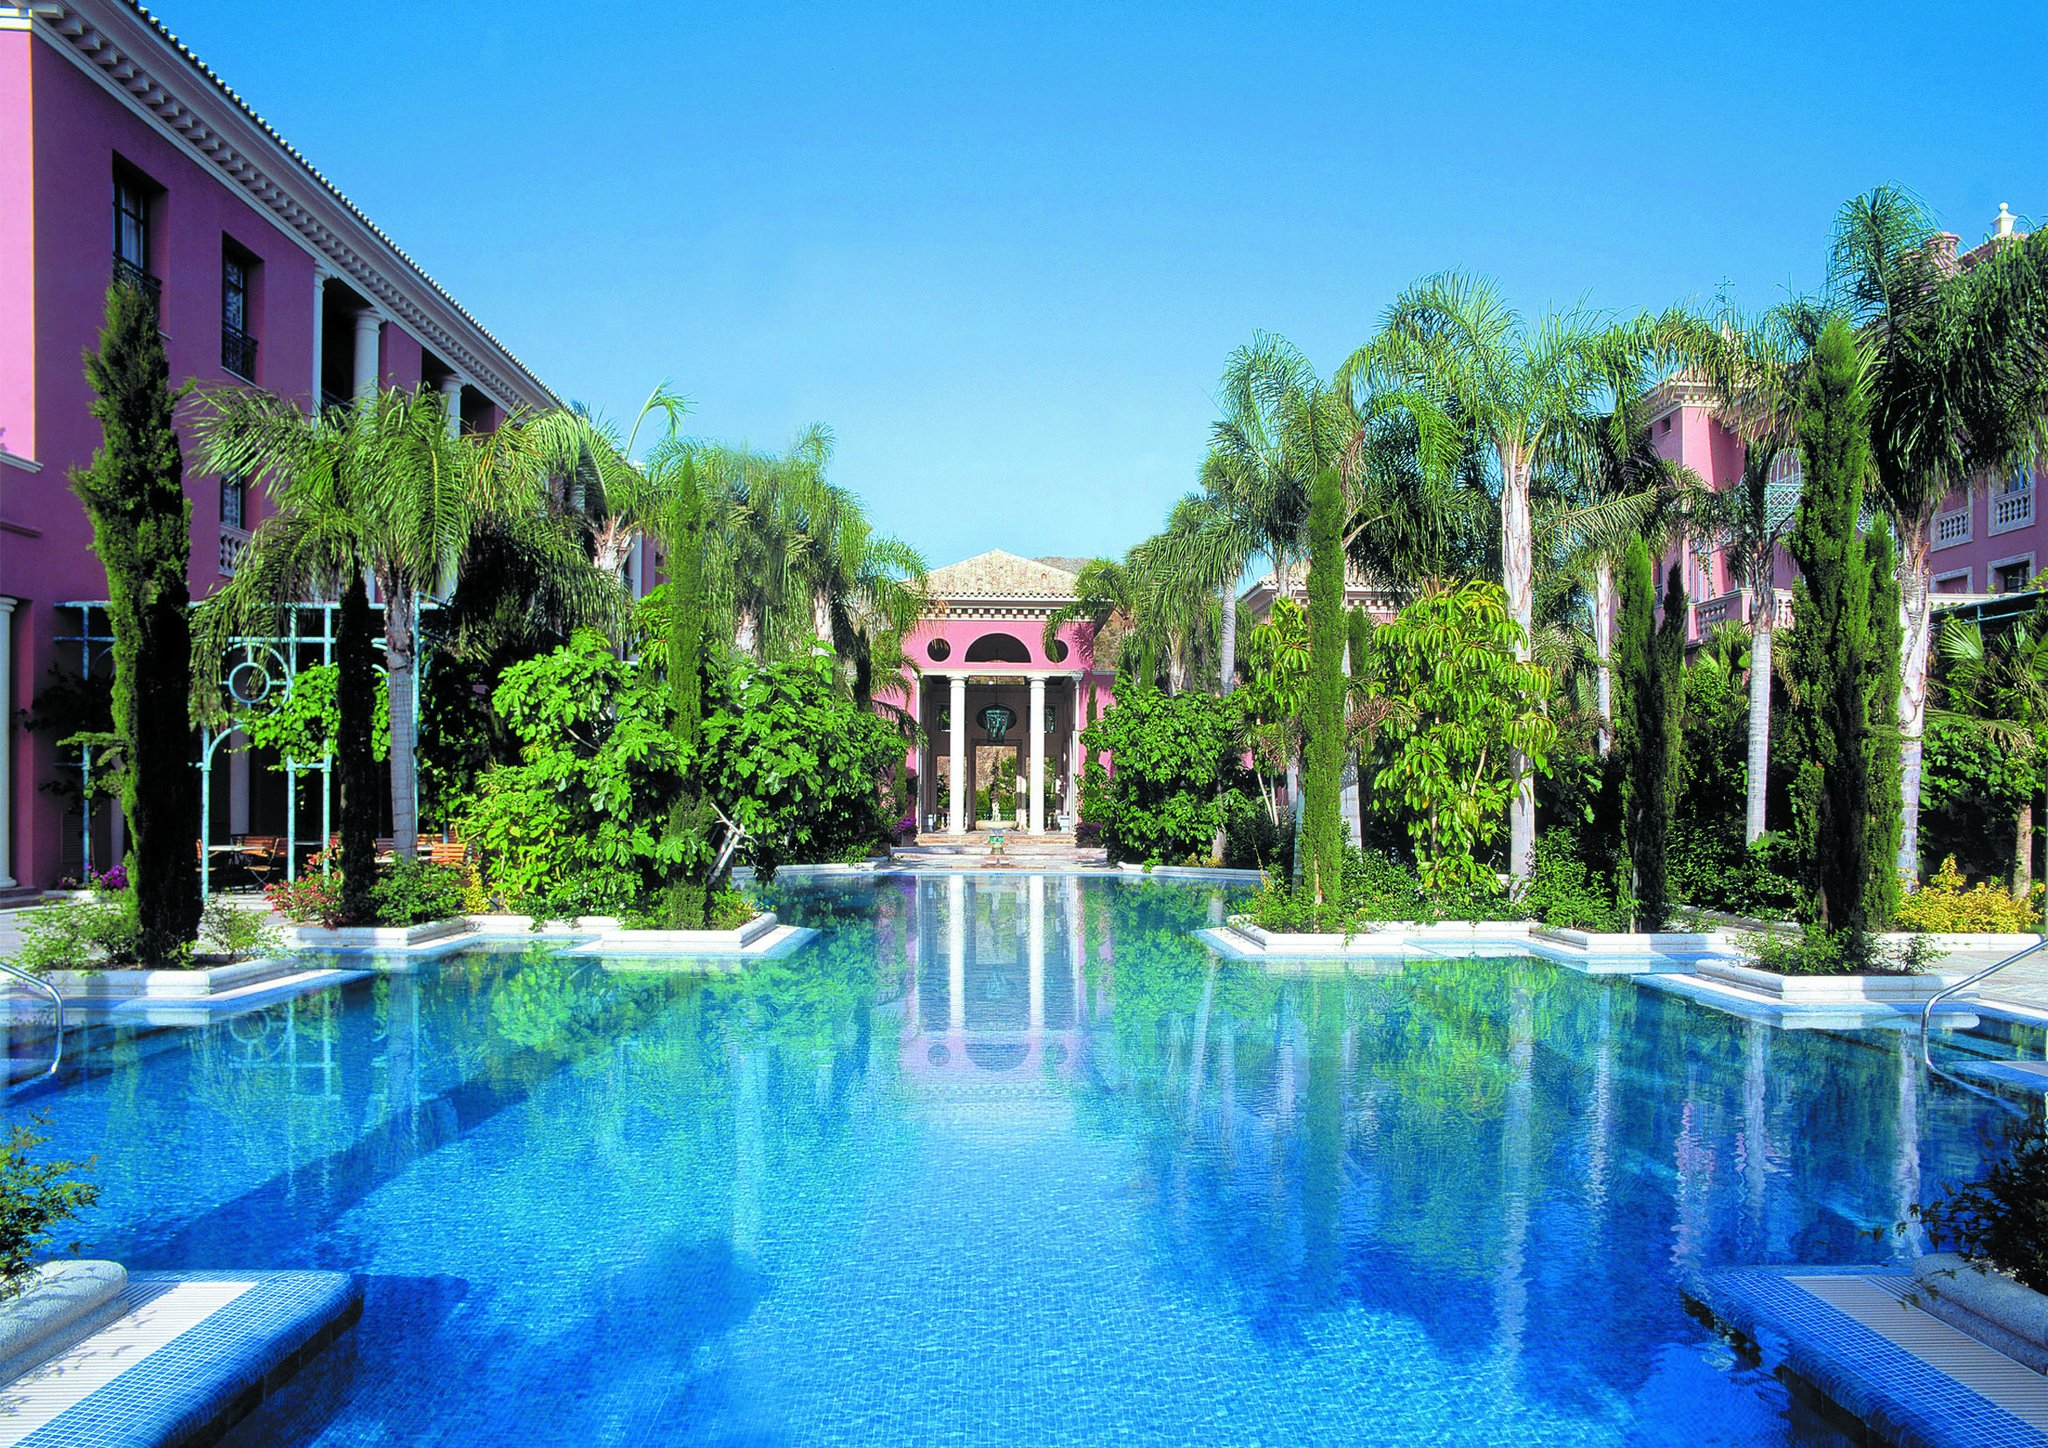 Ofertas ultima hora en estepona ofertas de escapadas for Hoteles de lujo en espana ofertas